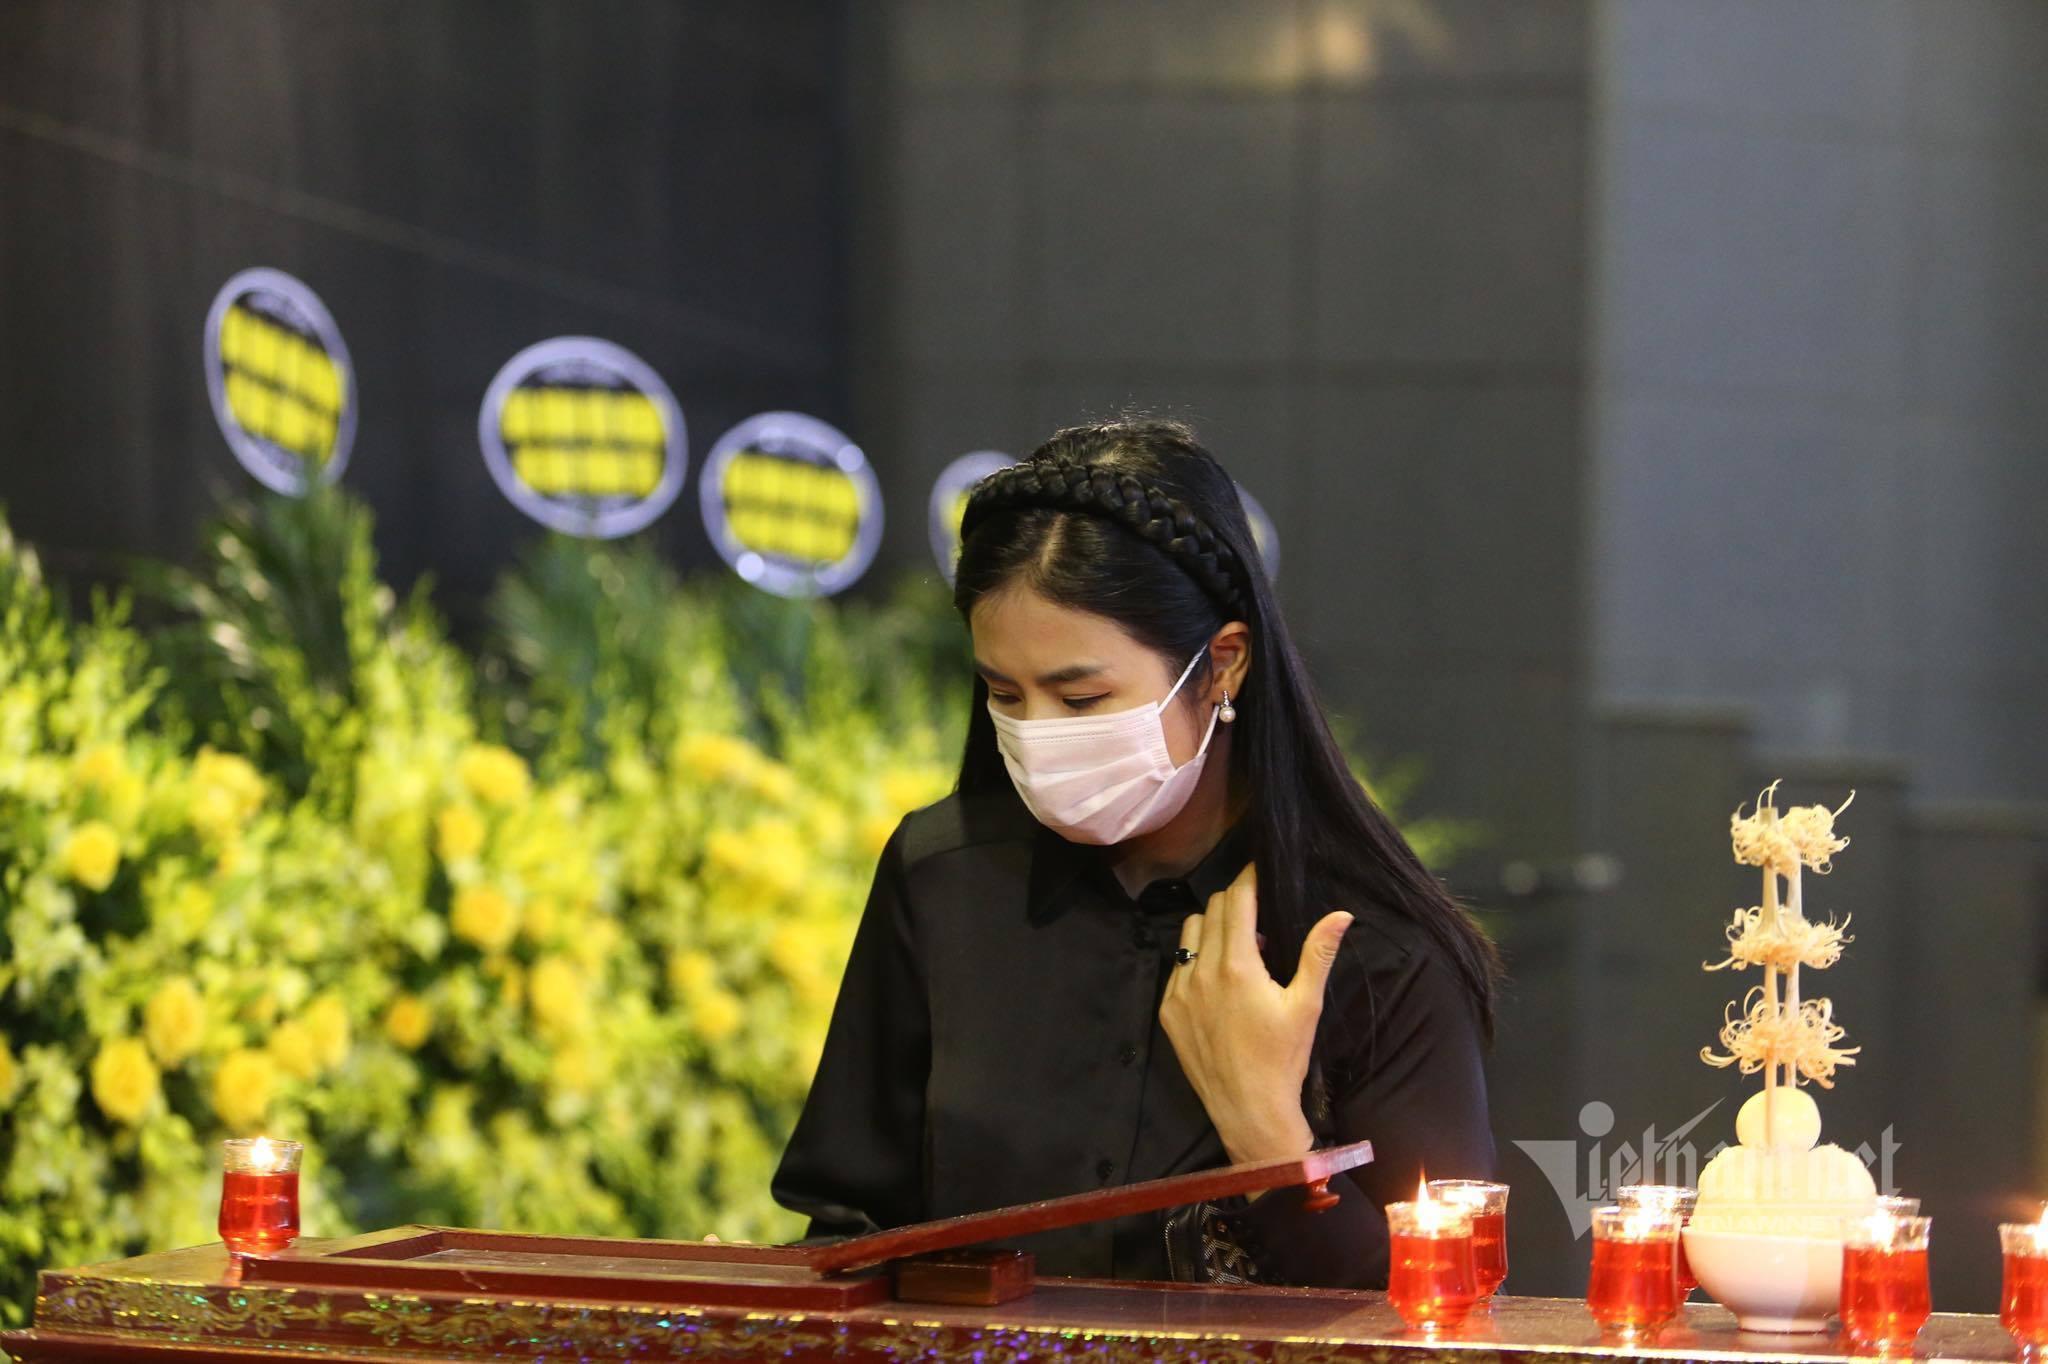 Mỹ Linh bàng hoàng và rất sợ khi nghe tin Hoa hậu Thu Thủy mất